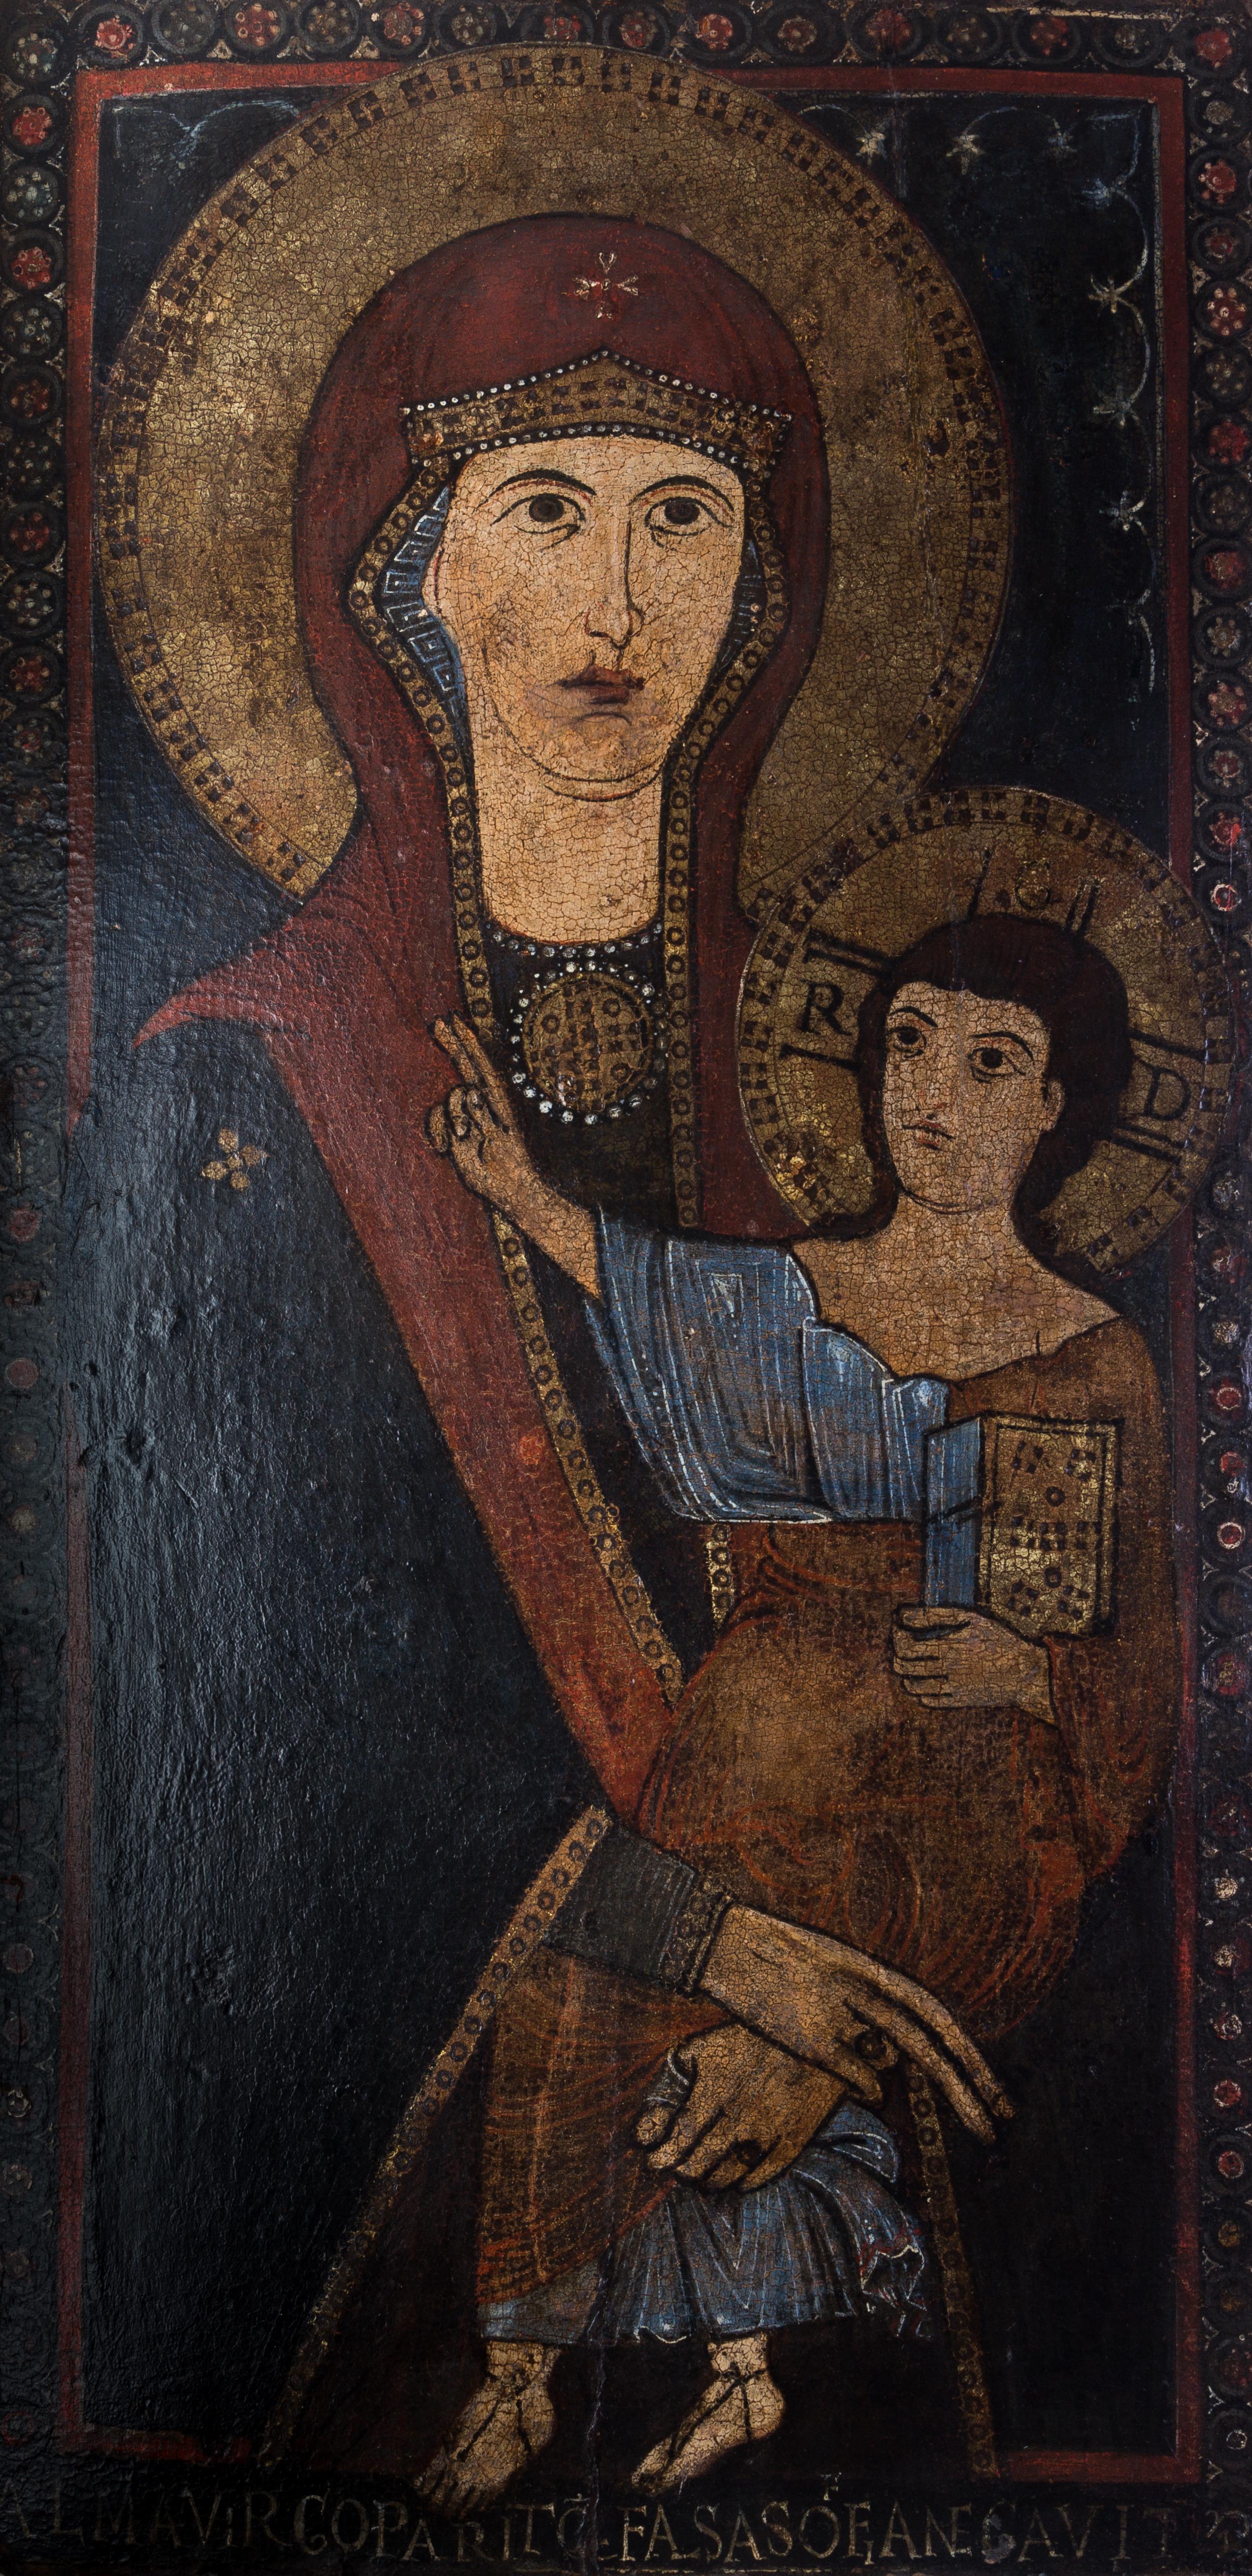 Madonna della Carbonara